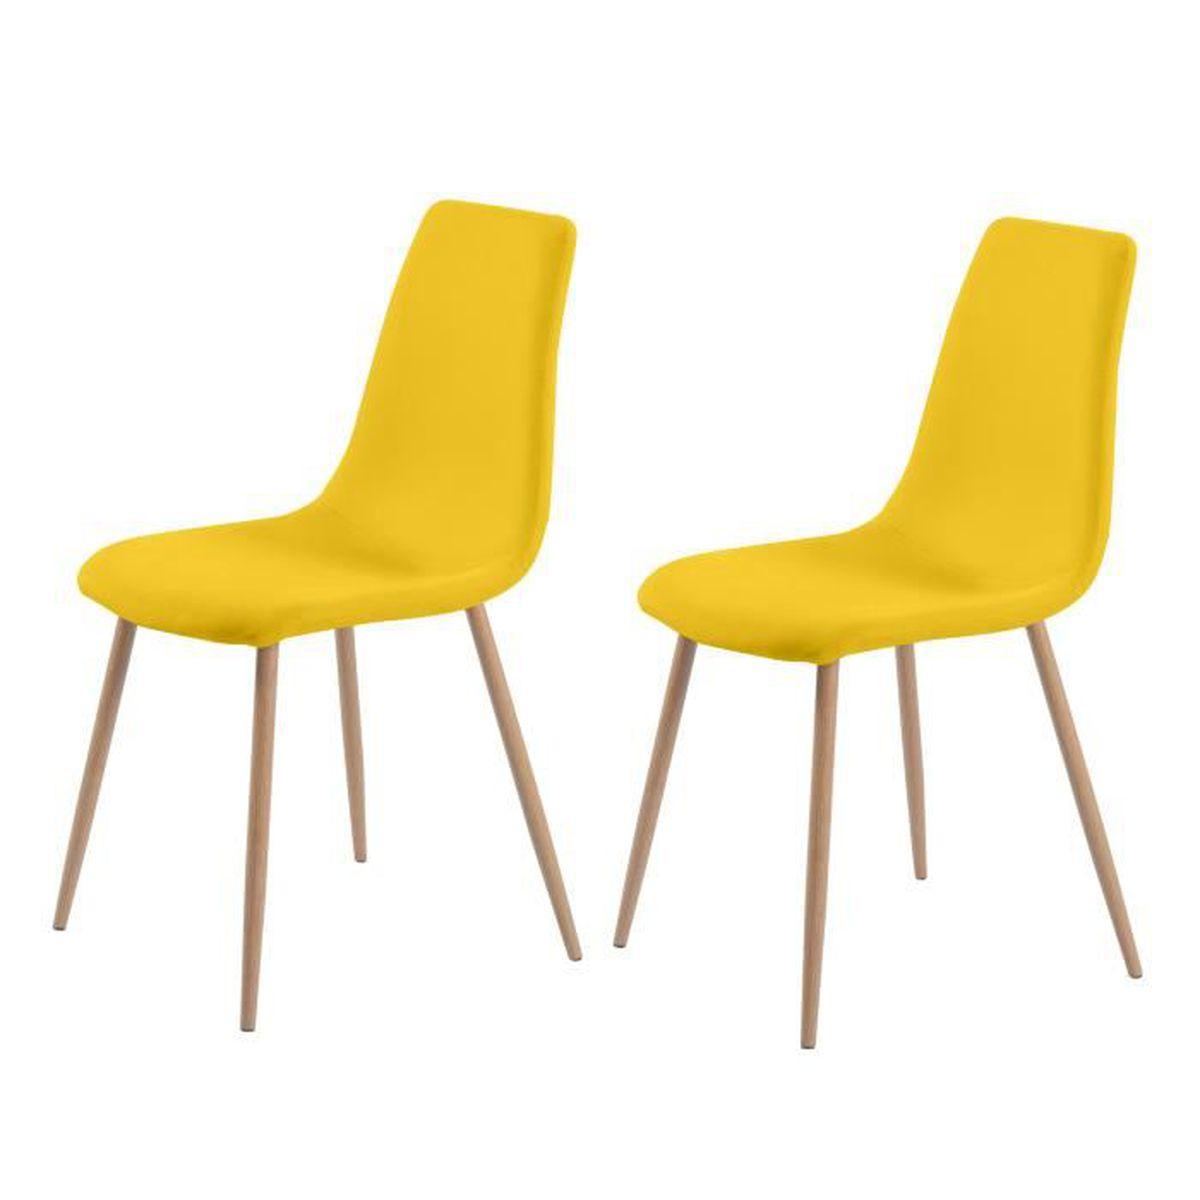 chaise aleksi jaune lot de 2 achat vente chaise cdiscount. Black Bedroom Furniture Sets. Home Design Ideas